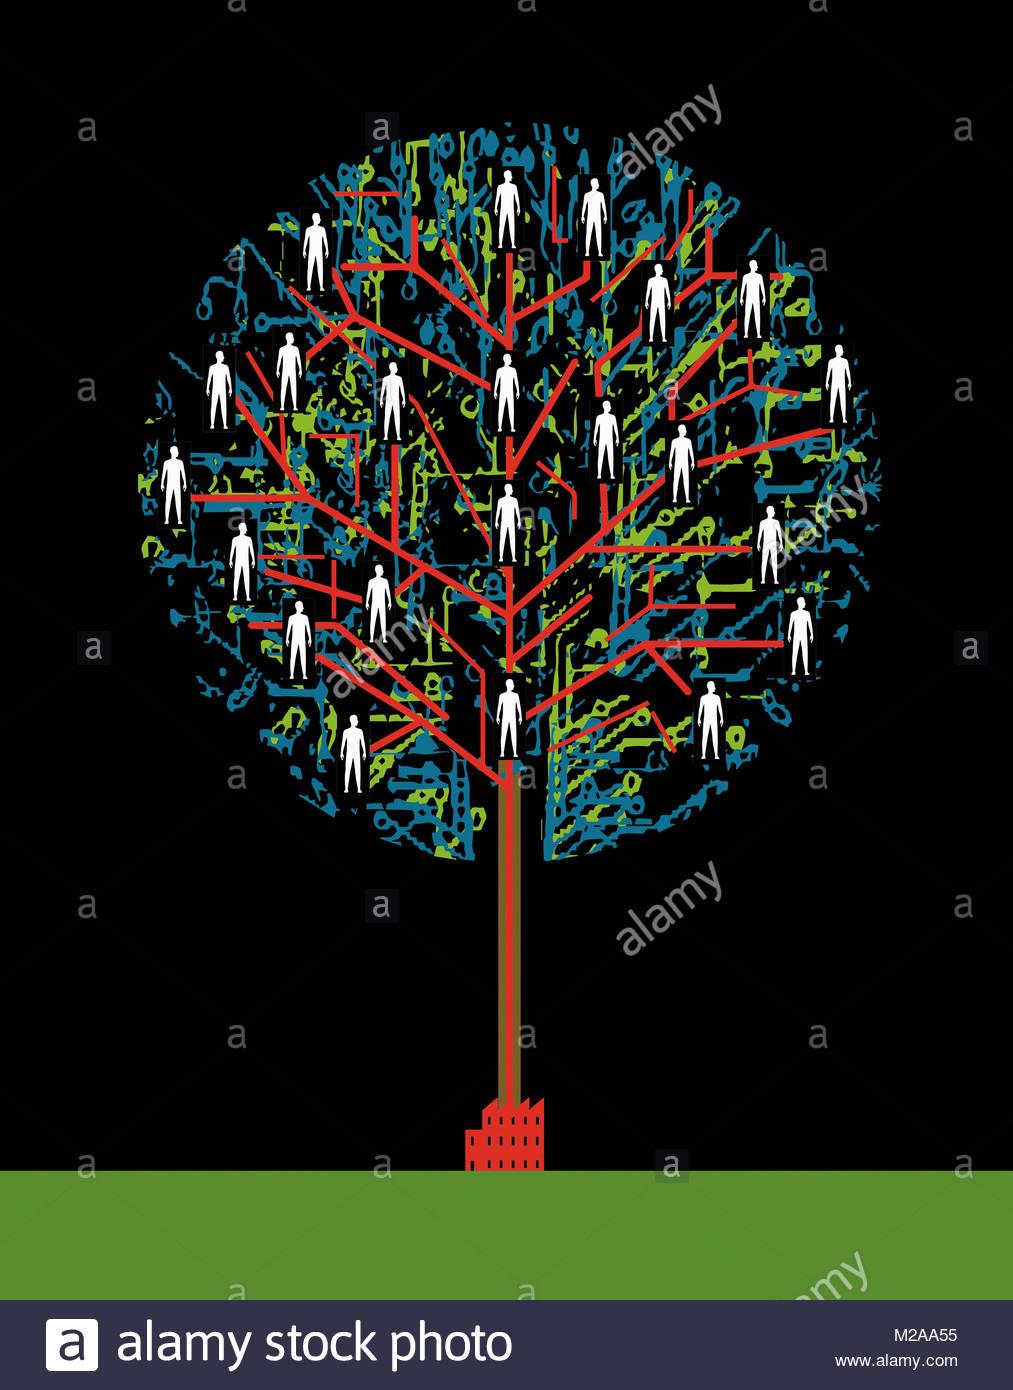 Menschen im Network Baum verbunden wachsenden ab Werk Stockbild